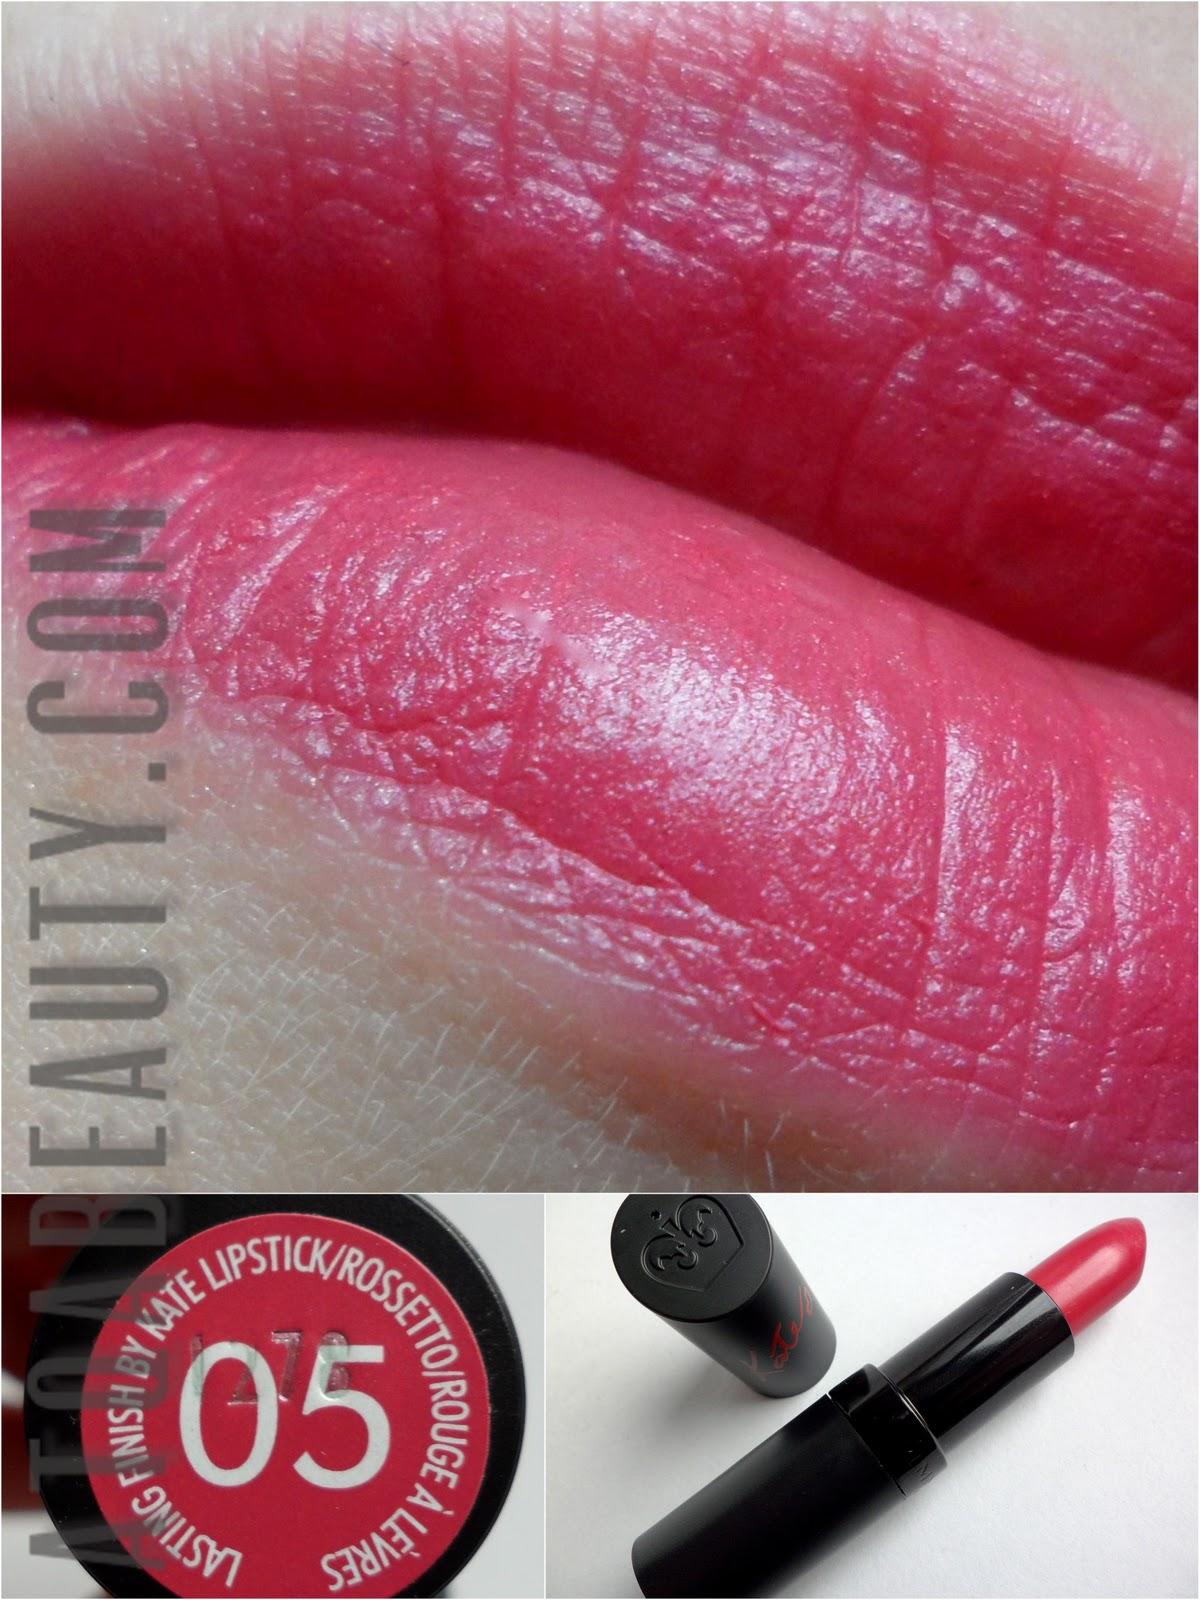 http://4.bp.blogspot.com/-2Q0Dp6Np8vU/TxWDjIvj_kI/AAAAAAAAK8k/3v7jbmCLQBQ/s1600/atqabeauty.com+rimmel+kate+moss+lipstick+05-01.jpg